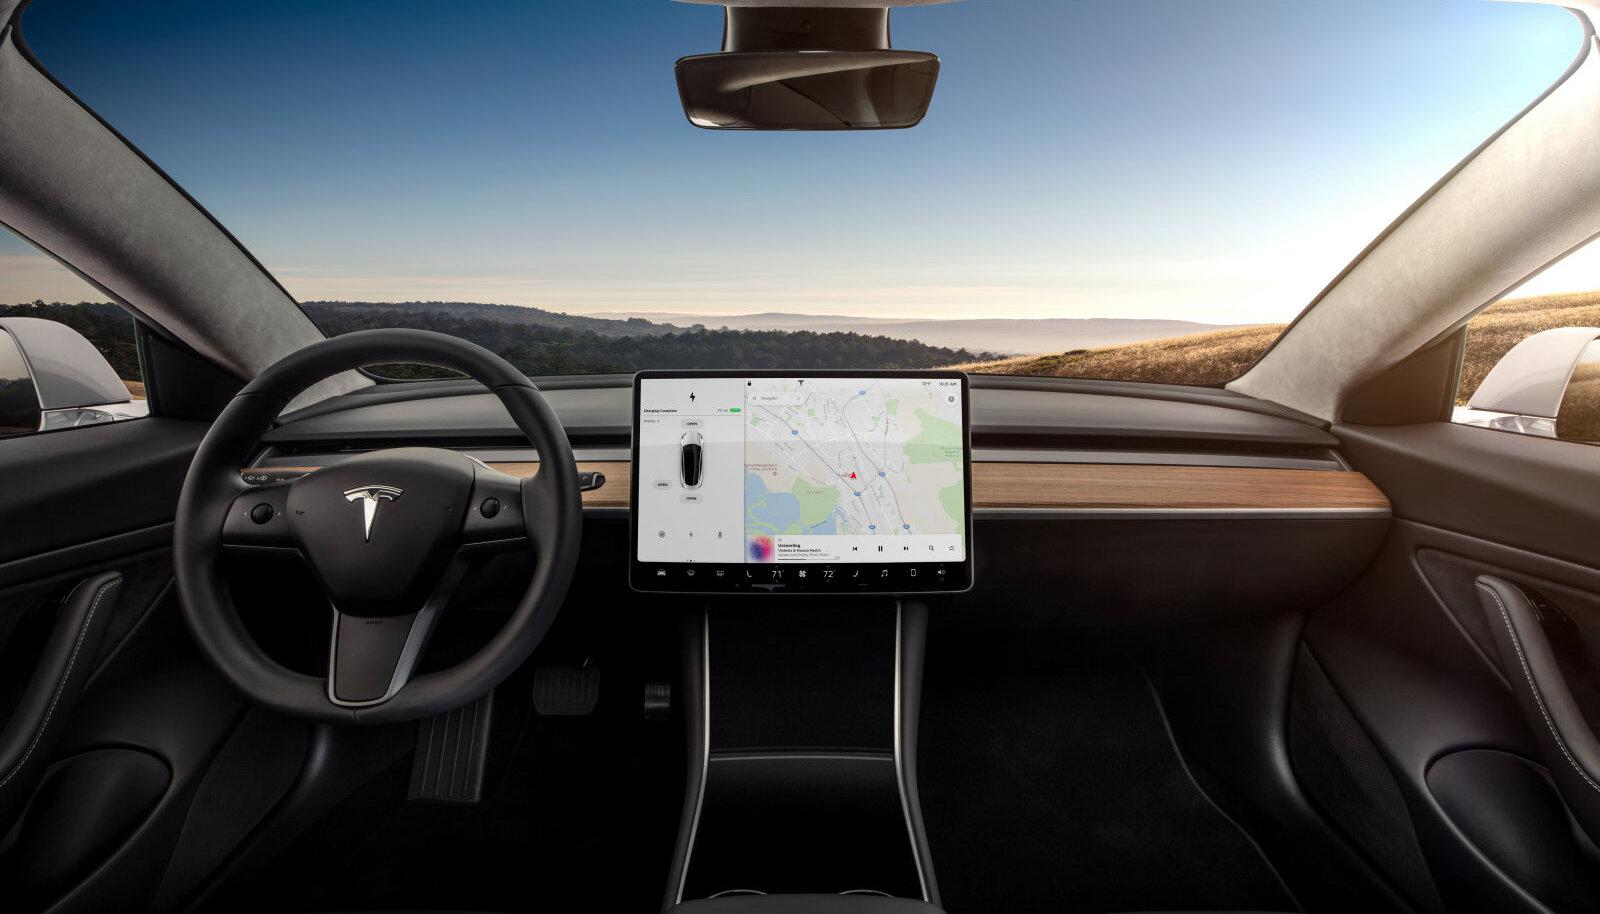 Uue Tesla 3 sisevaade. Harjumuspäraste kellade-näidikute asemel on hoopis üks suur puutetundlik ekraan.